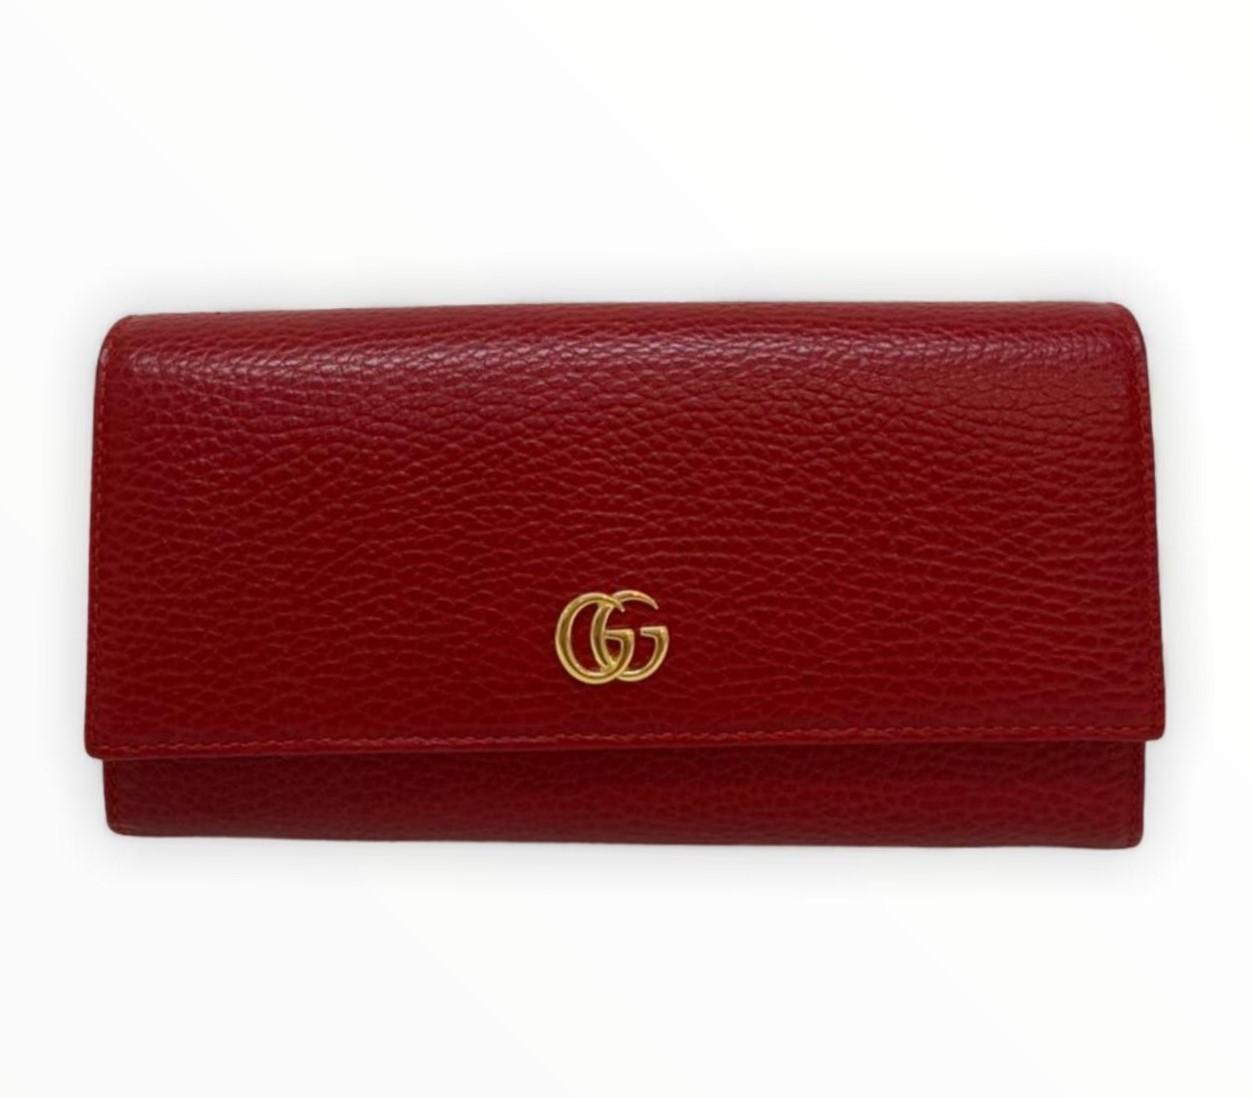 Carteira Gucci GG Marmont Continental Vermelha